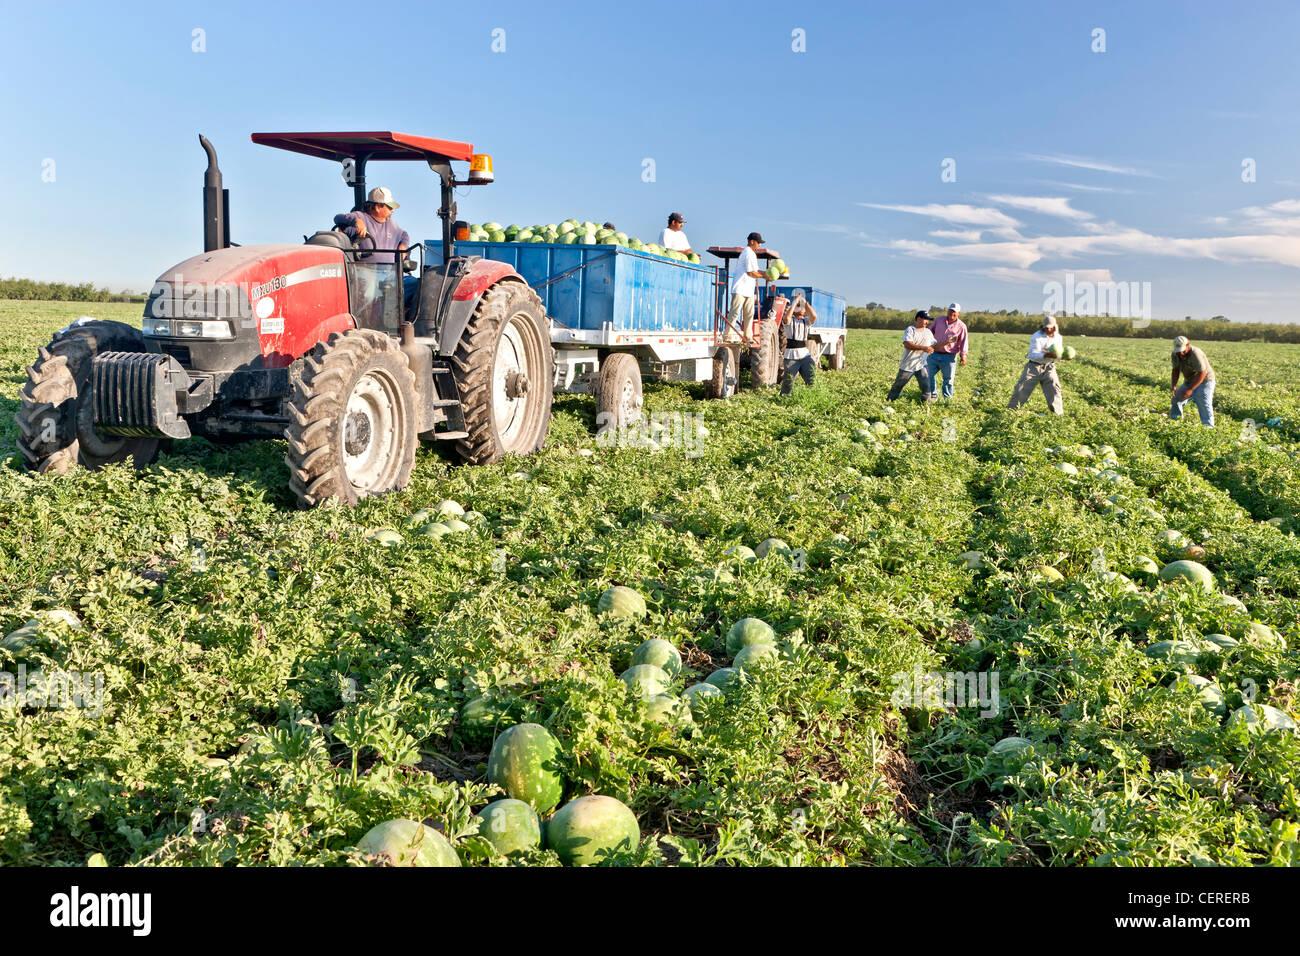 La cosecha de la sandía, los trabajadores la carga de remolque. Imagen De Stock